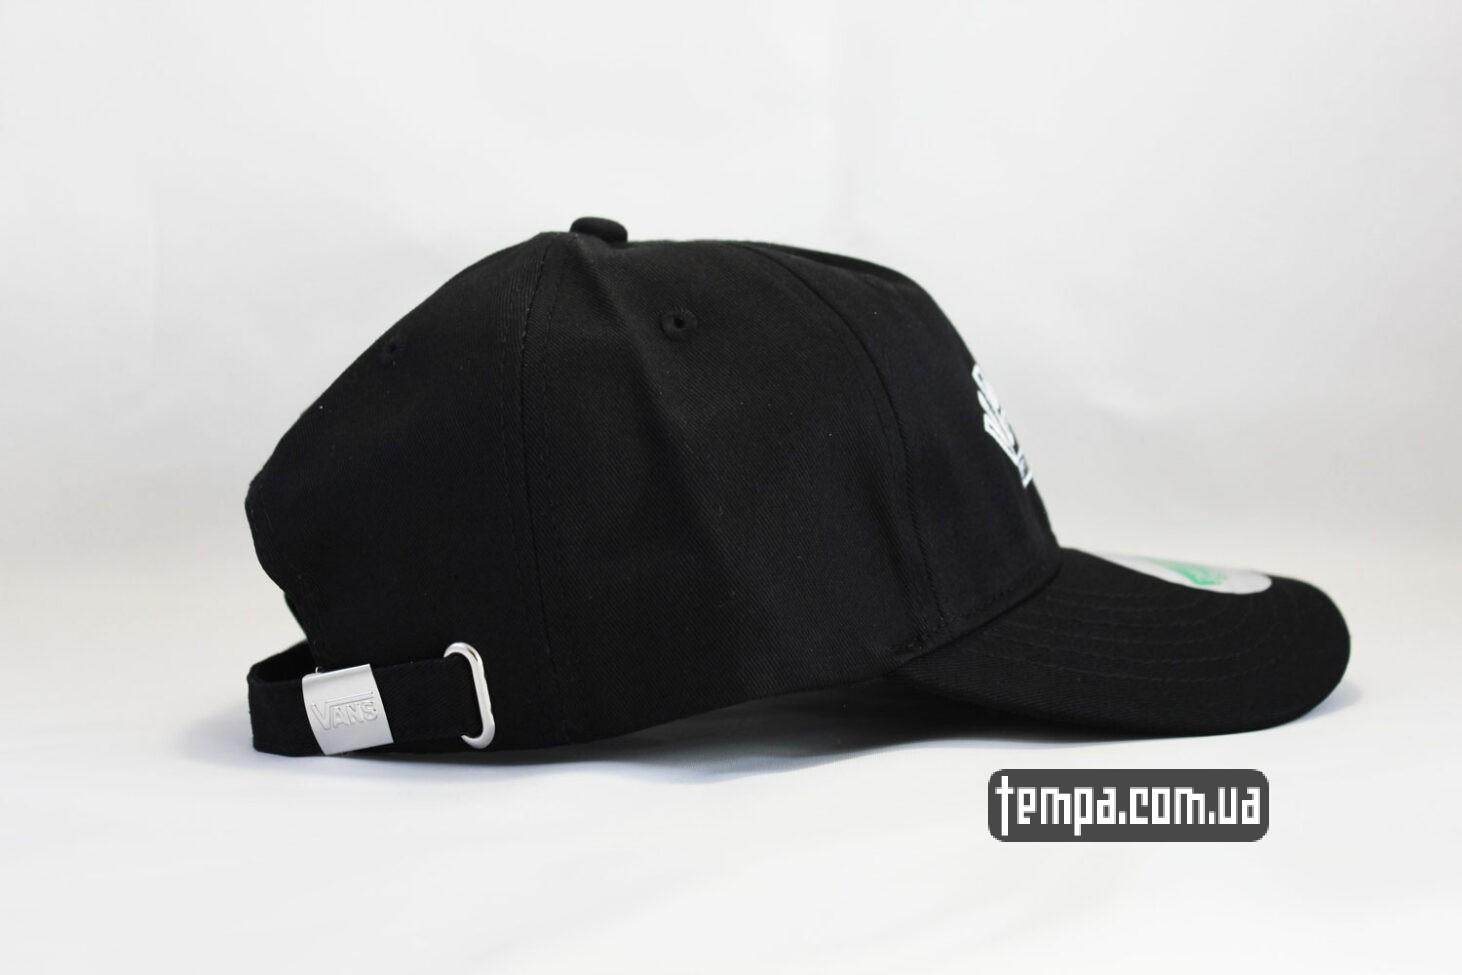 черная бейсболка VANS OFF THE WALL black cap черная кепка купить